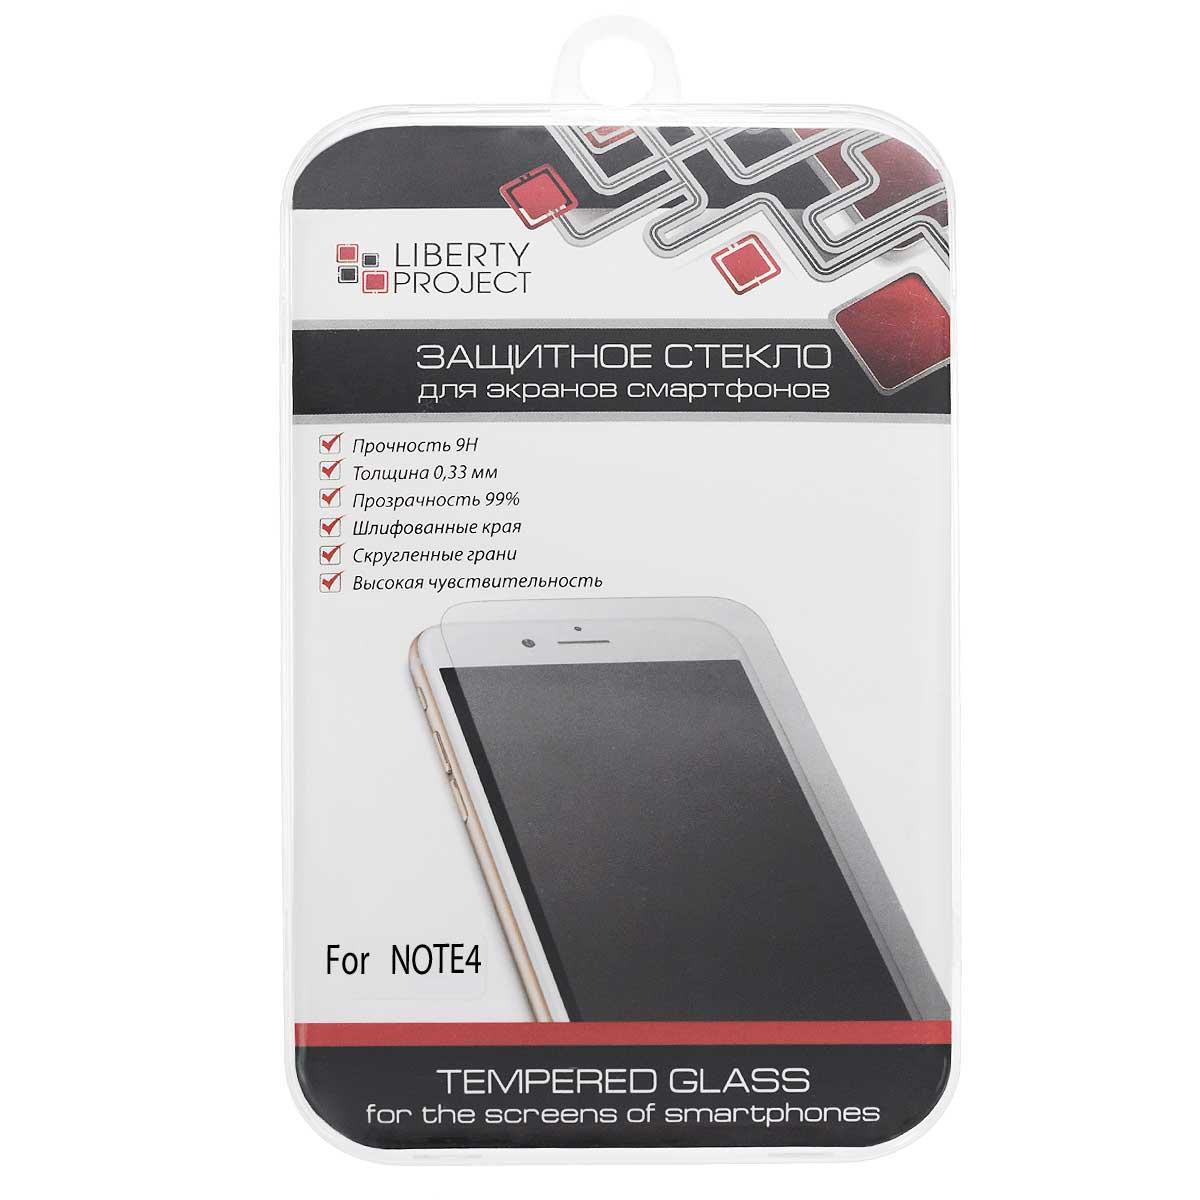 Liberty Project Tempered Glass защитное стекло для Samsung Note 4, Clear (0,33 мм)0L-00000521Защитное стекло Liberty Project Tempered Glass предназначено для защиты поверхности экрана, от царапин, потертостей, отпечатков пальцев и прочих следов механического воздействия. Гарантирует высокую чувствительность при работе с устройством. Данная модель также обладает антибликовым и водоотталкивающим эффектом.